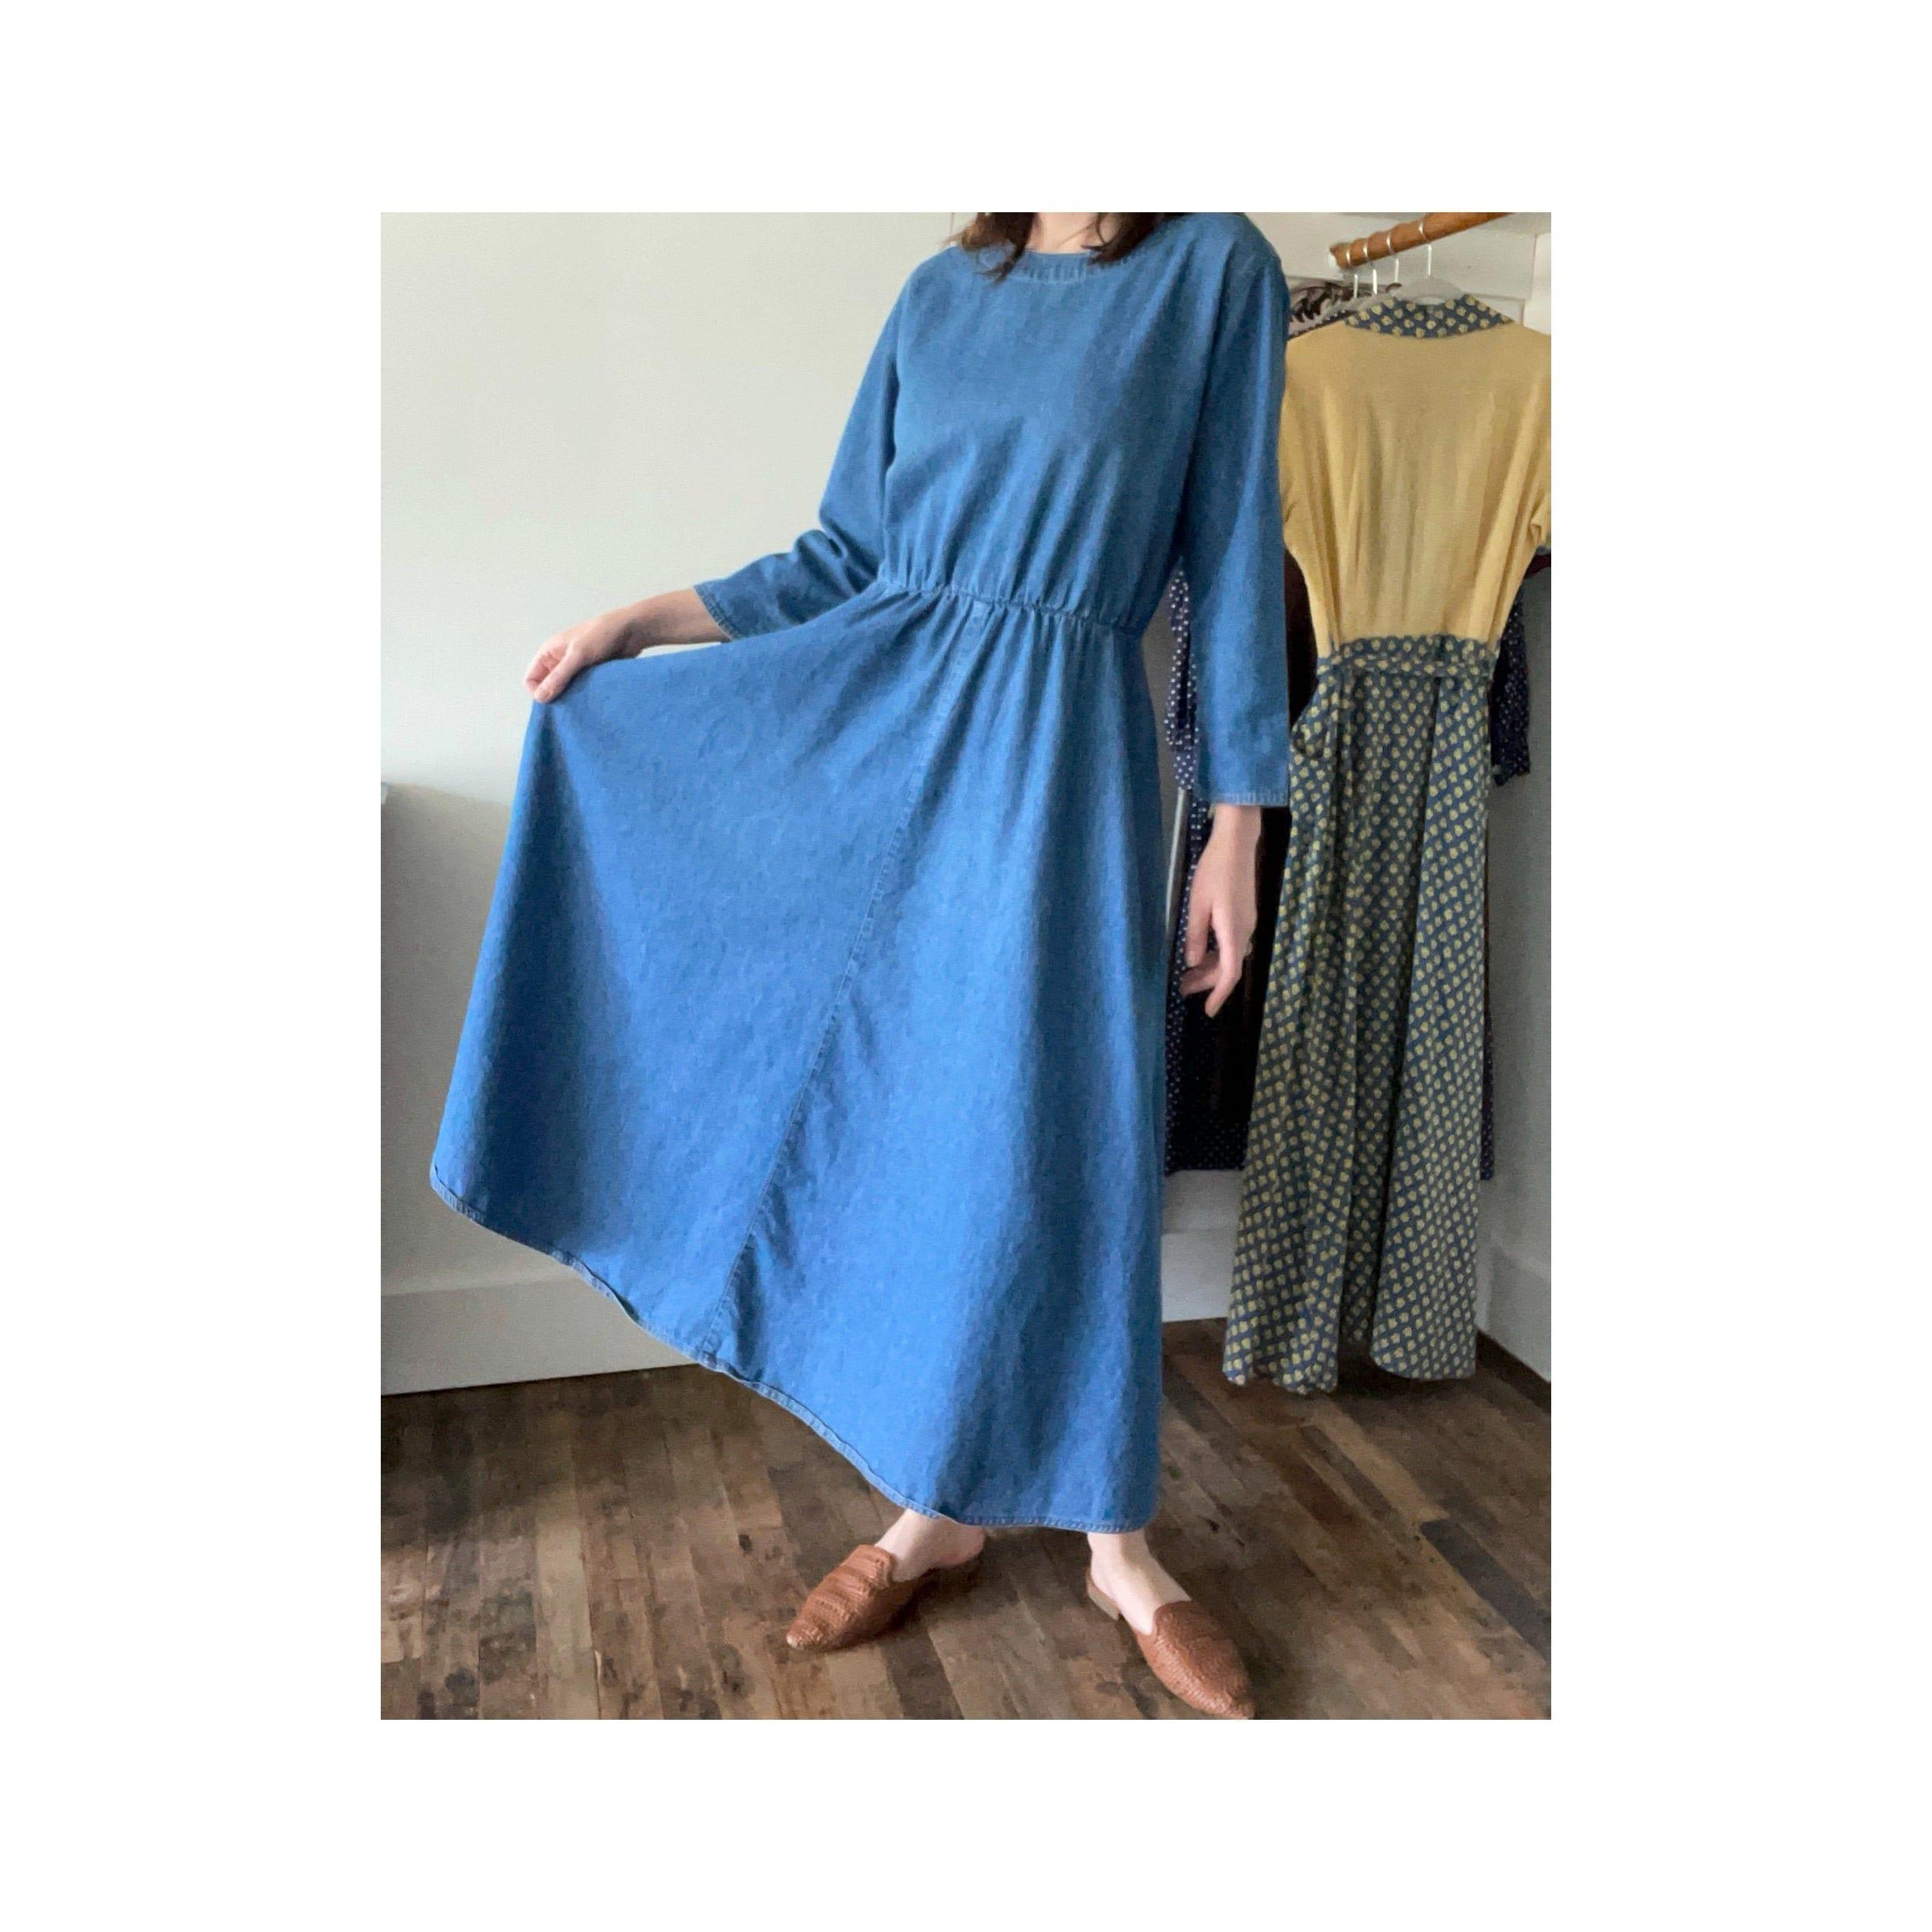 80s Dresses   Casual to Party Dresses Vintage 1980S Denim Work Dress - Long Sleeves Pockets Floor Length $0.00 AT vintagedancer.com